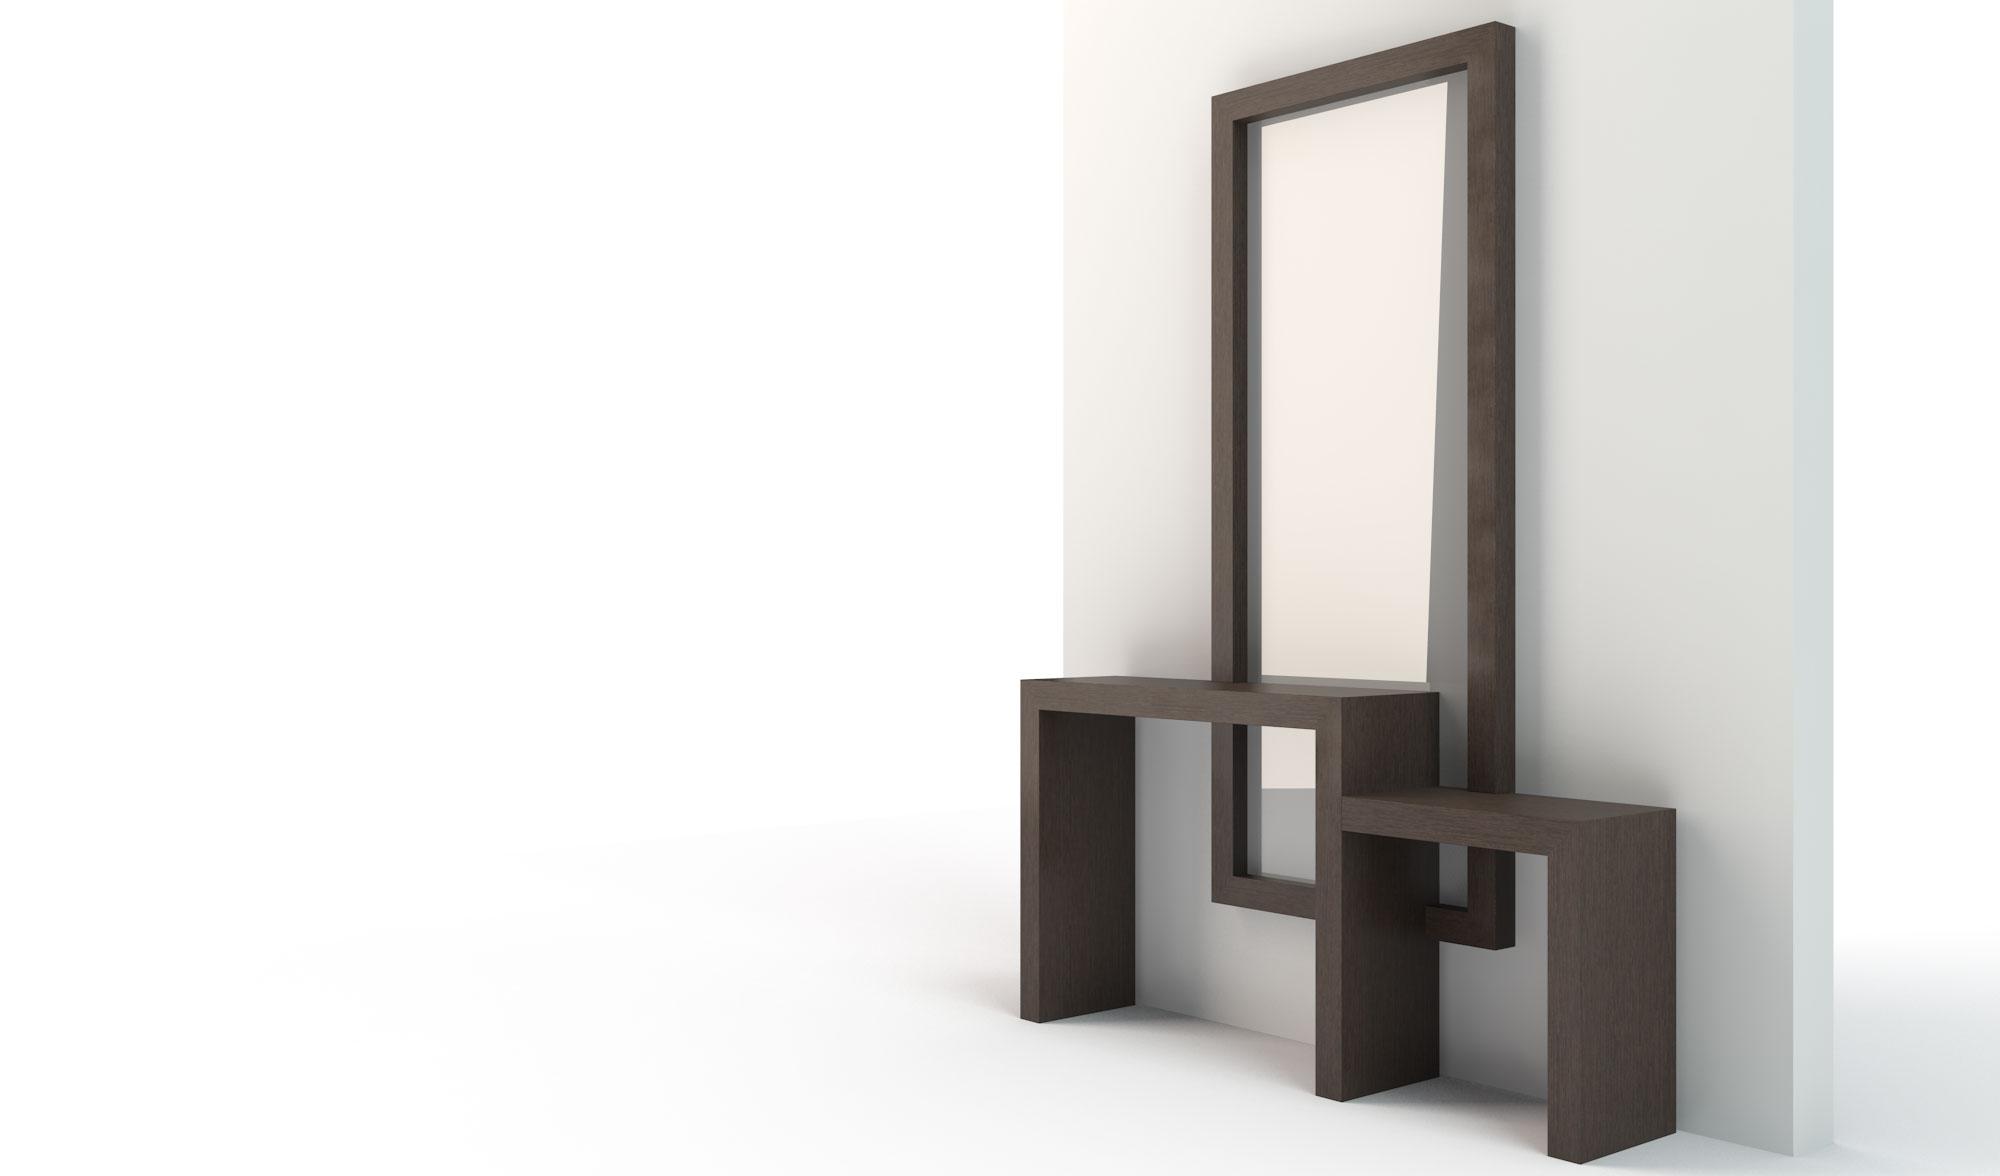 Image Furniture Design